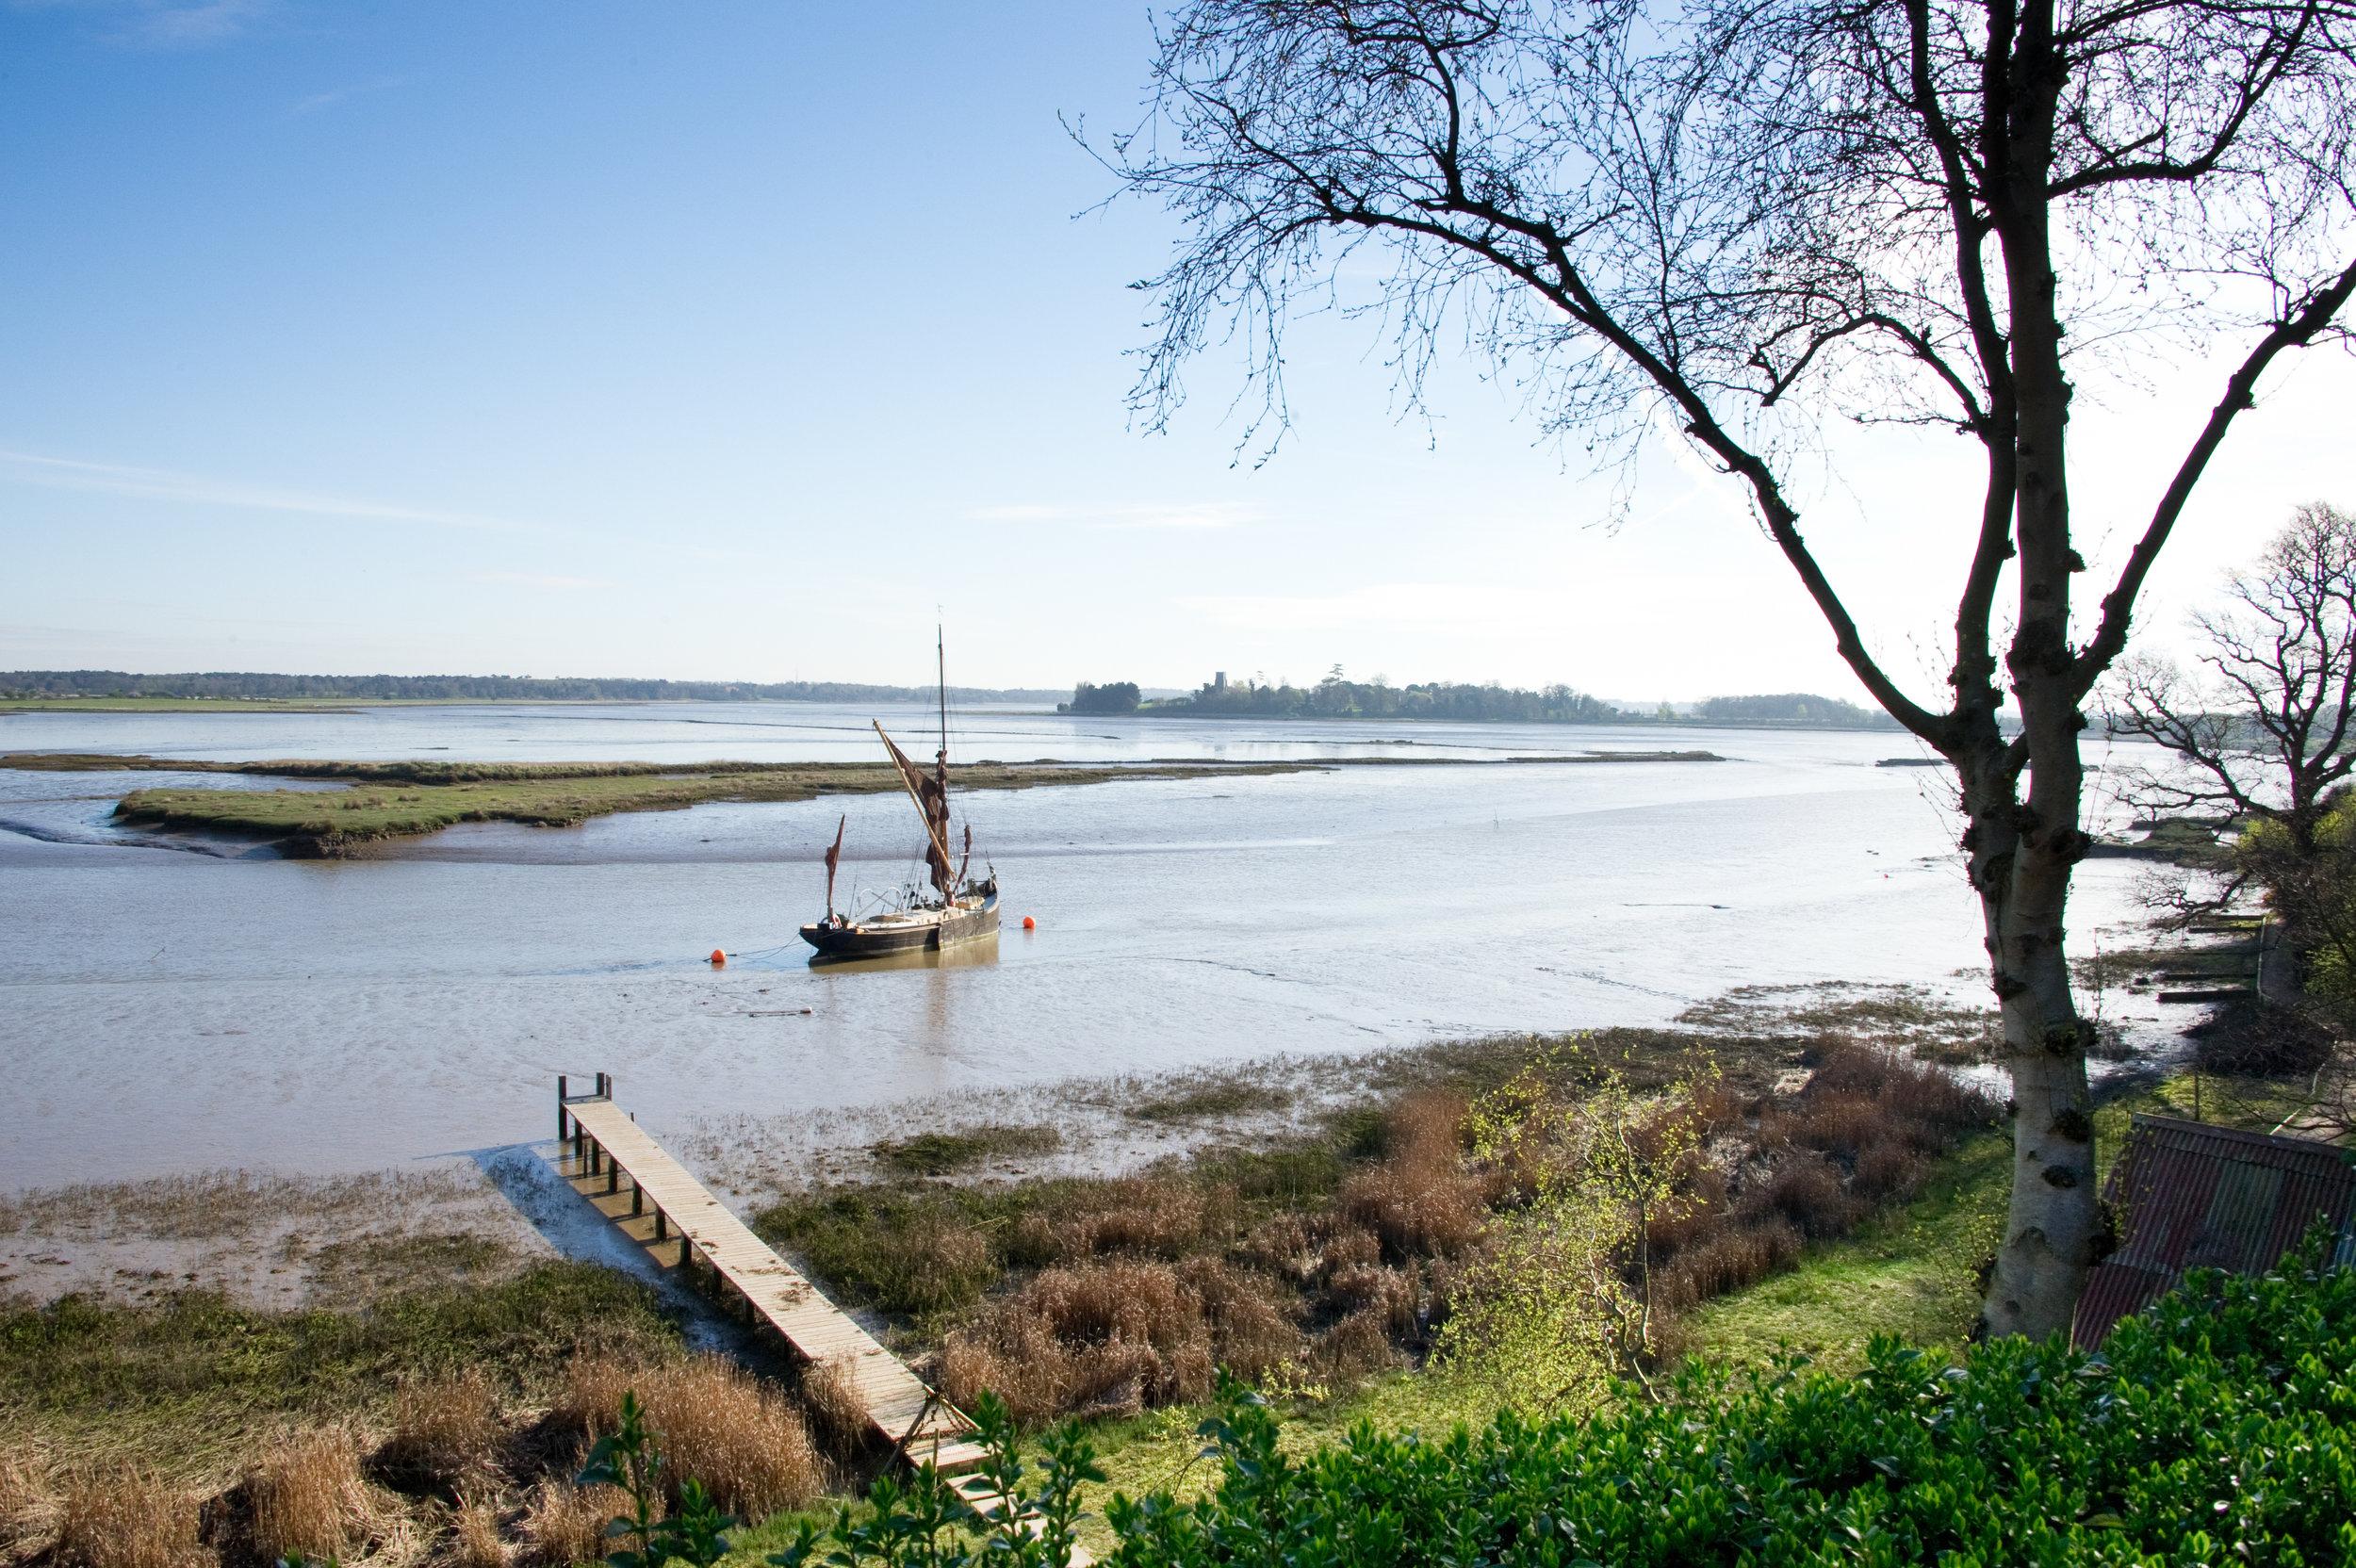 Thames-barge-at-iken-on-river-alde-in-suffolk-3.jpg